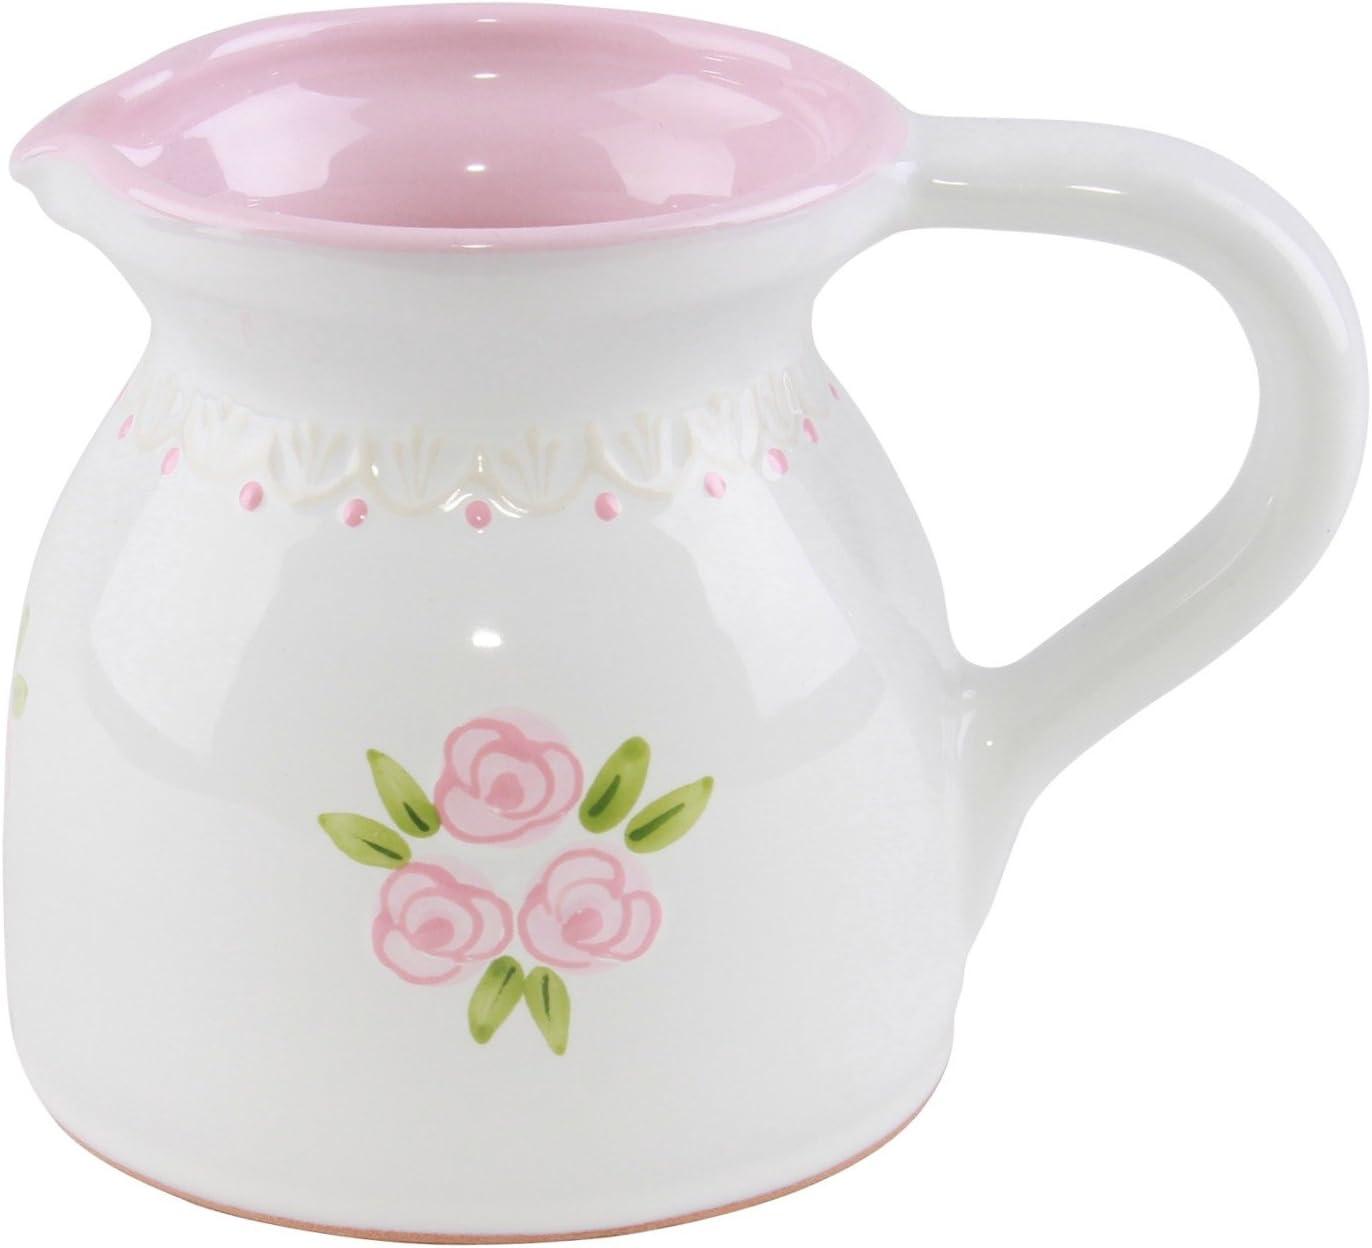 Brocca per latte in ceramica//Lattiera con dipinti a mano rosa piccole rose e con punta parete sul bordo